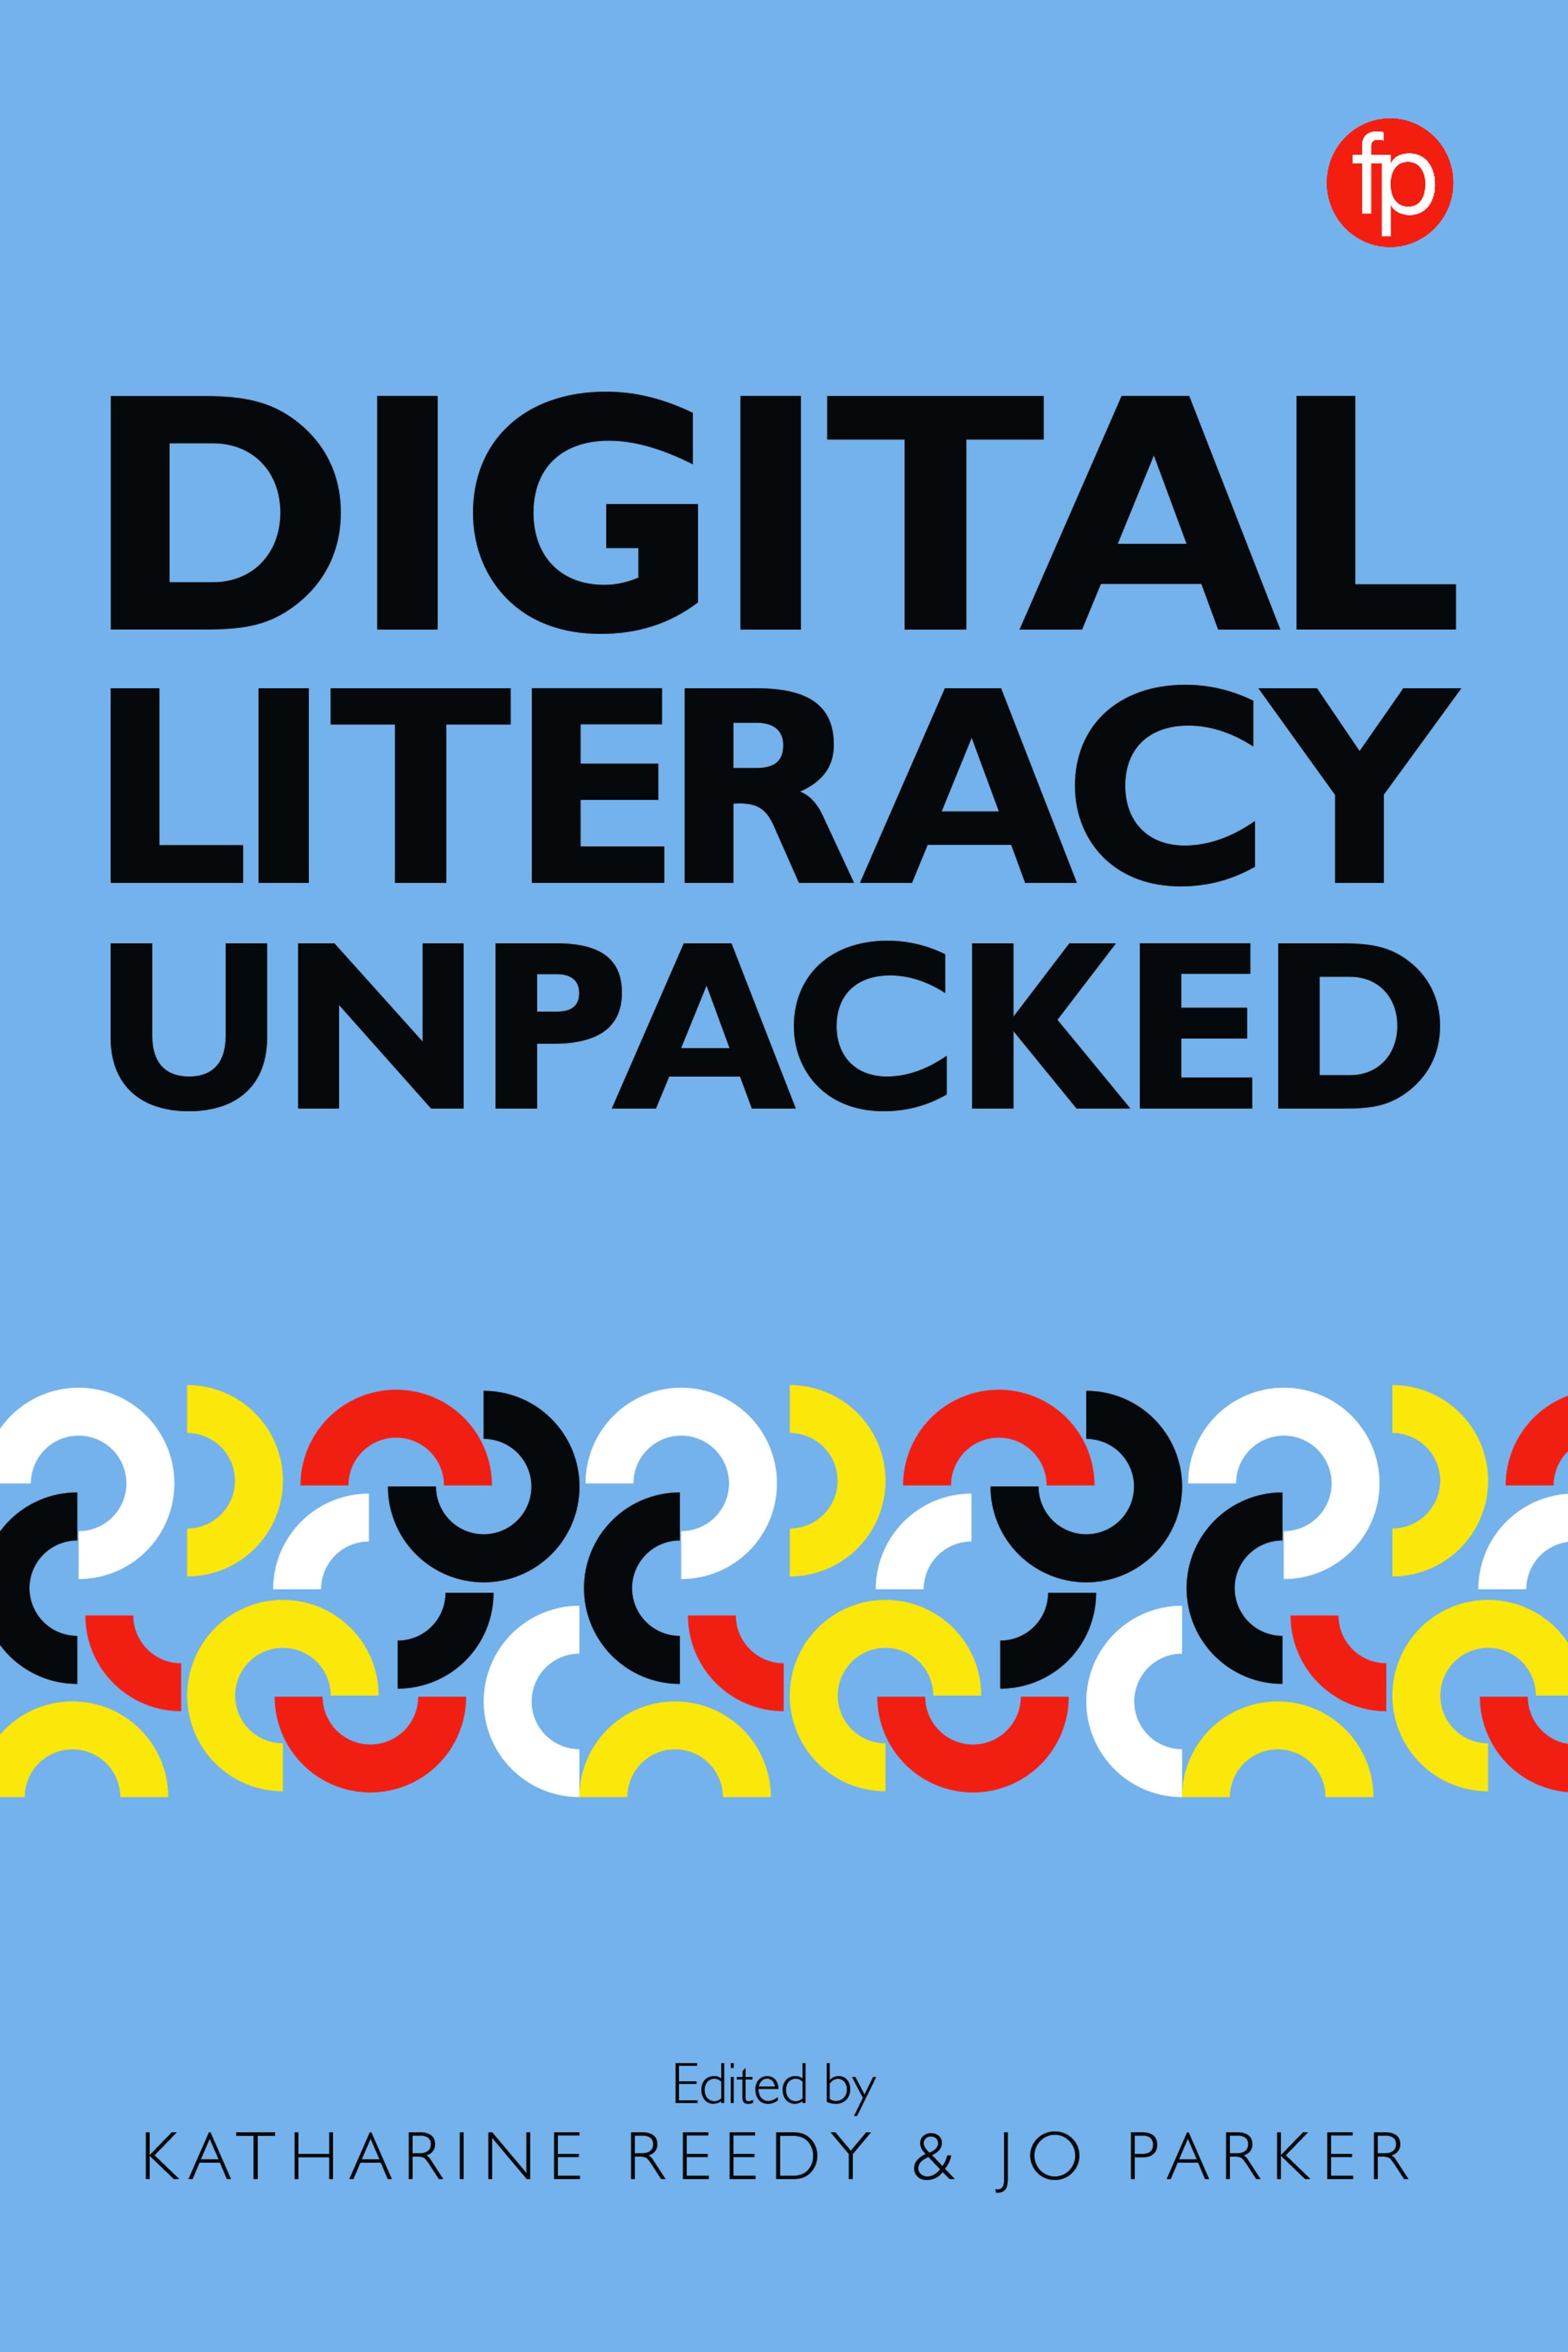 Digital Literacy Unpacked